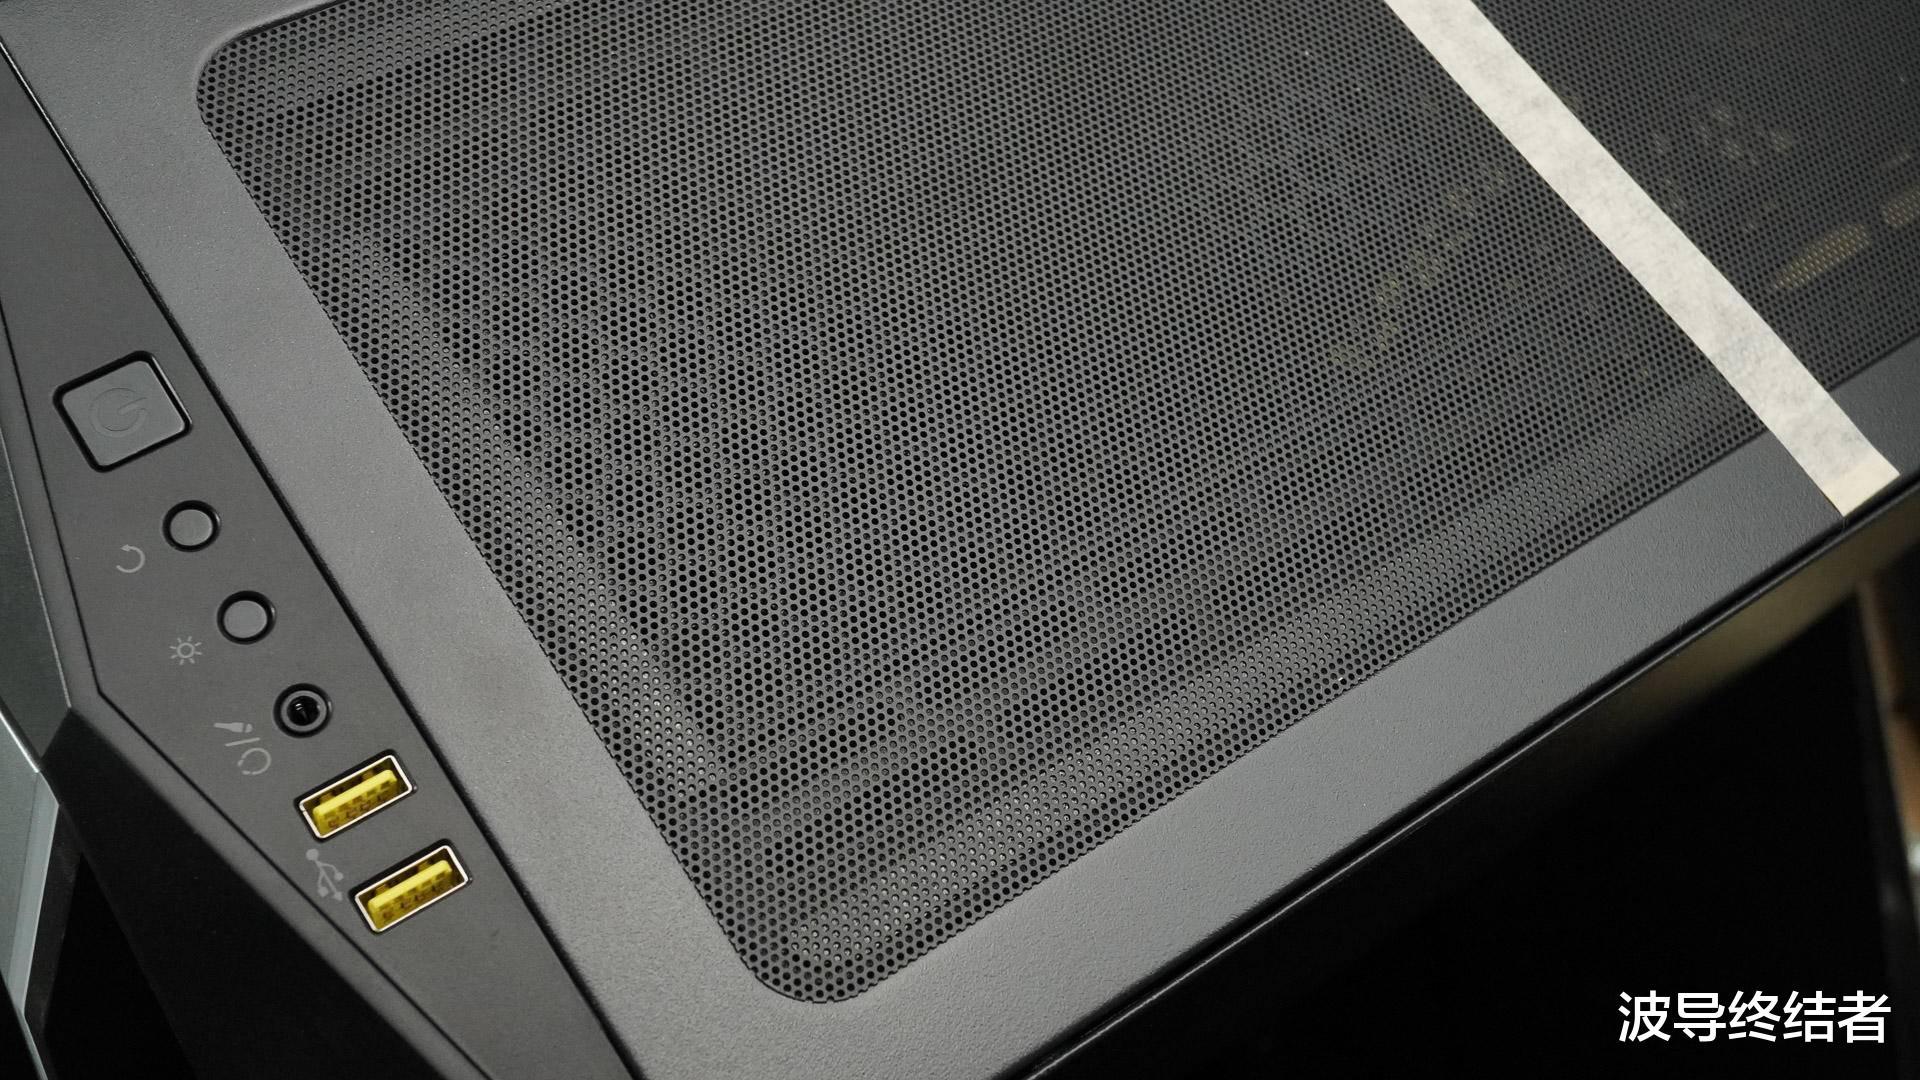 洛克王国普拉塔草原在哪_CPU降温20度!把工作室电脑搬到海盗船和爱国者的新家-第2张图片-游戏摸鱼怪